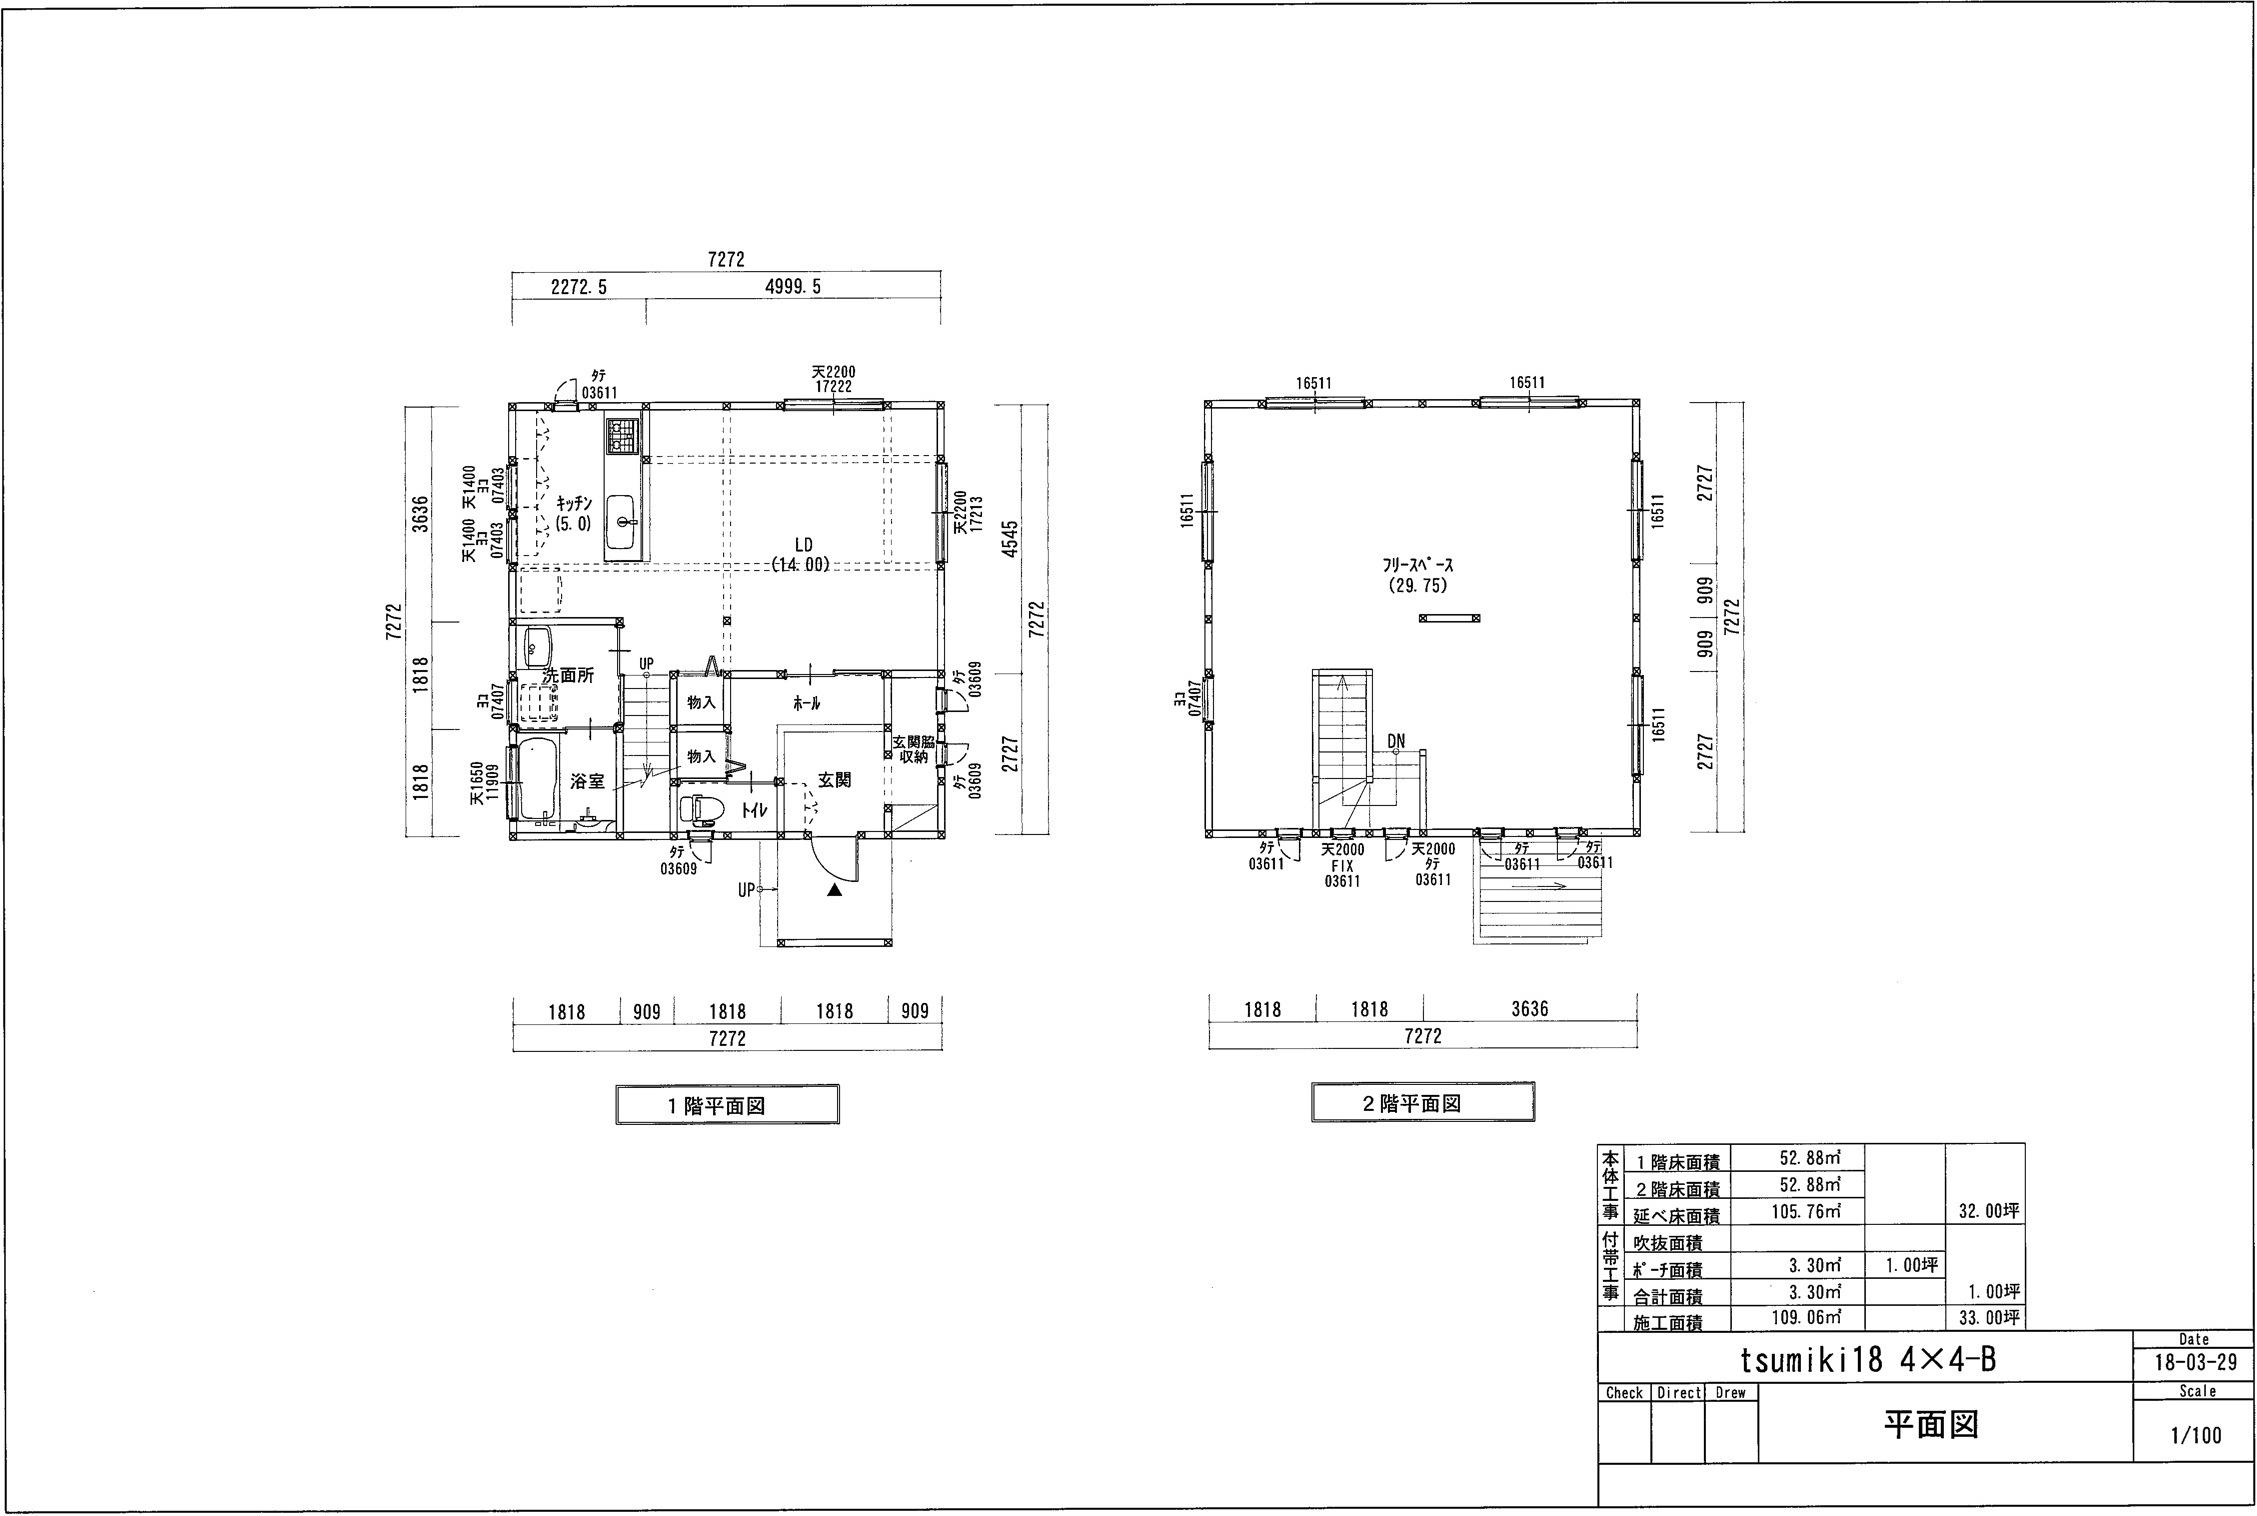 tsumiki 33坪 (4×4-B)